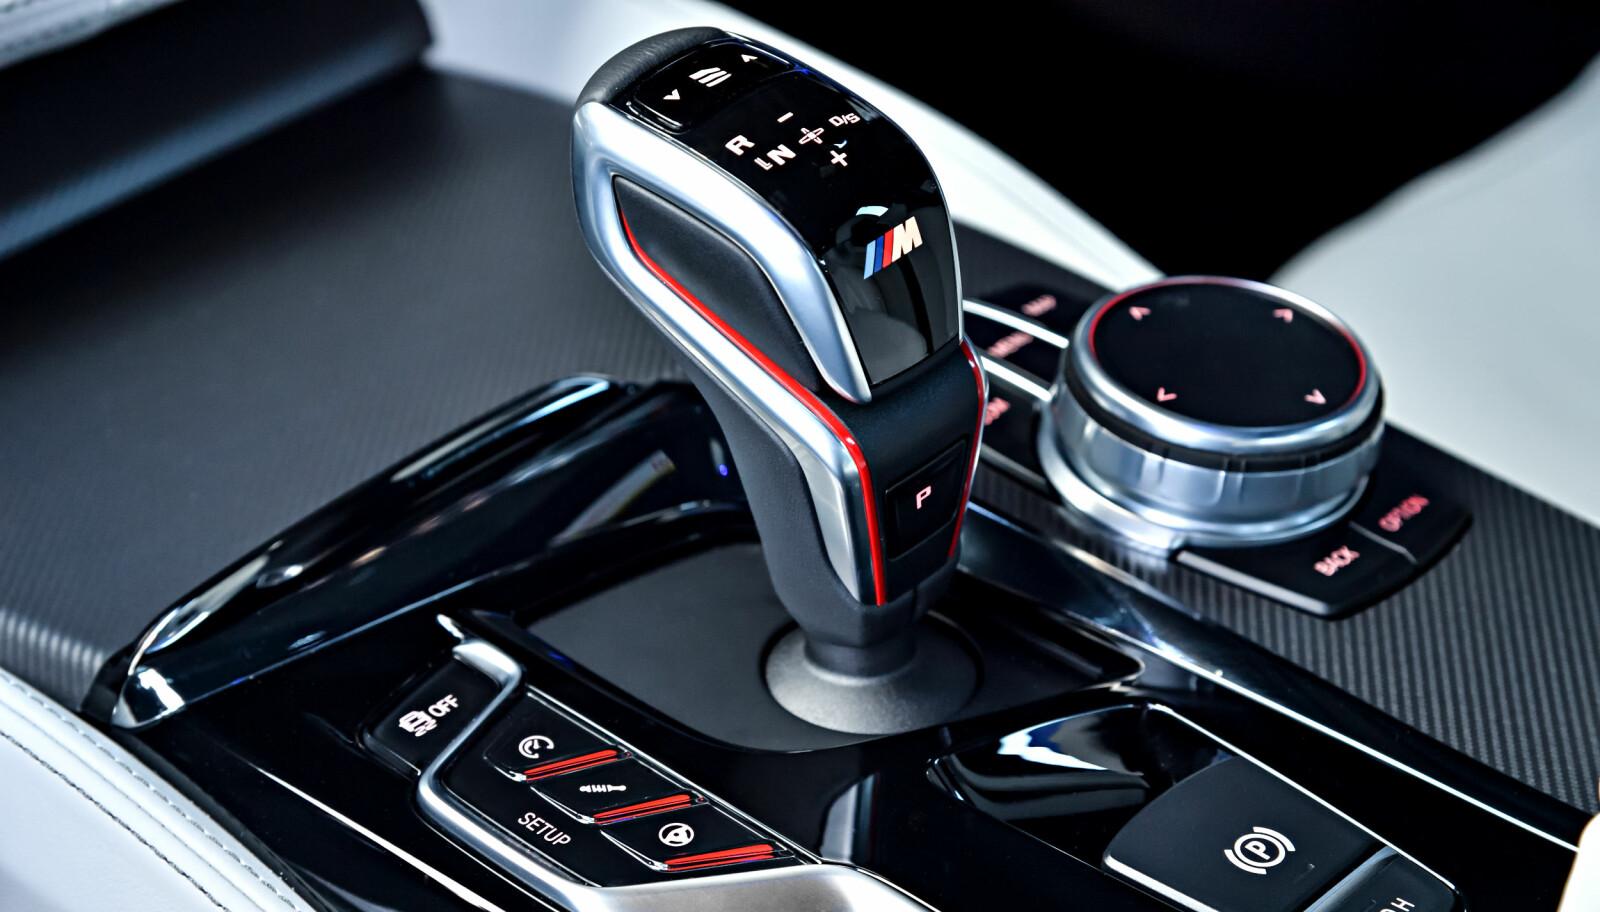 DRIVELOGIC: M5 har en splitter ny 8-trinns girkasse med Drivelogic, som innebærer at du kan velge justere karakteristikken på girkassa etter smak og behag. Med knappene til venstre for girspakene kan du justere gassrespons, demping og styring.